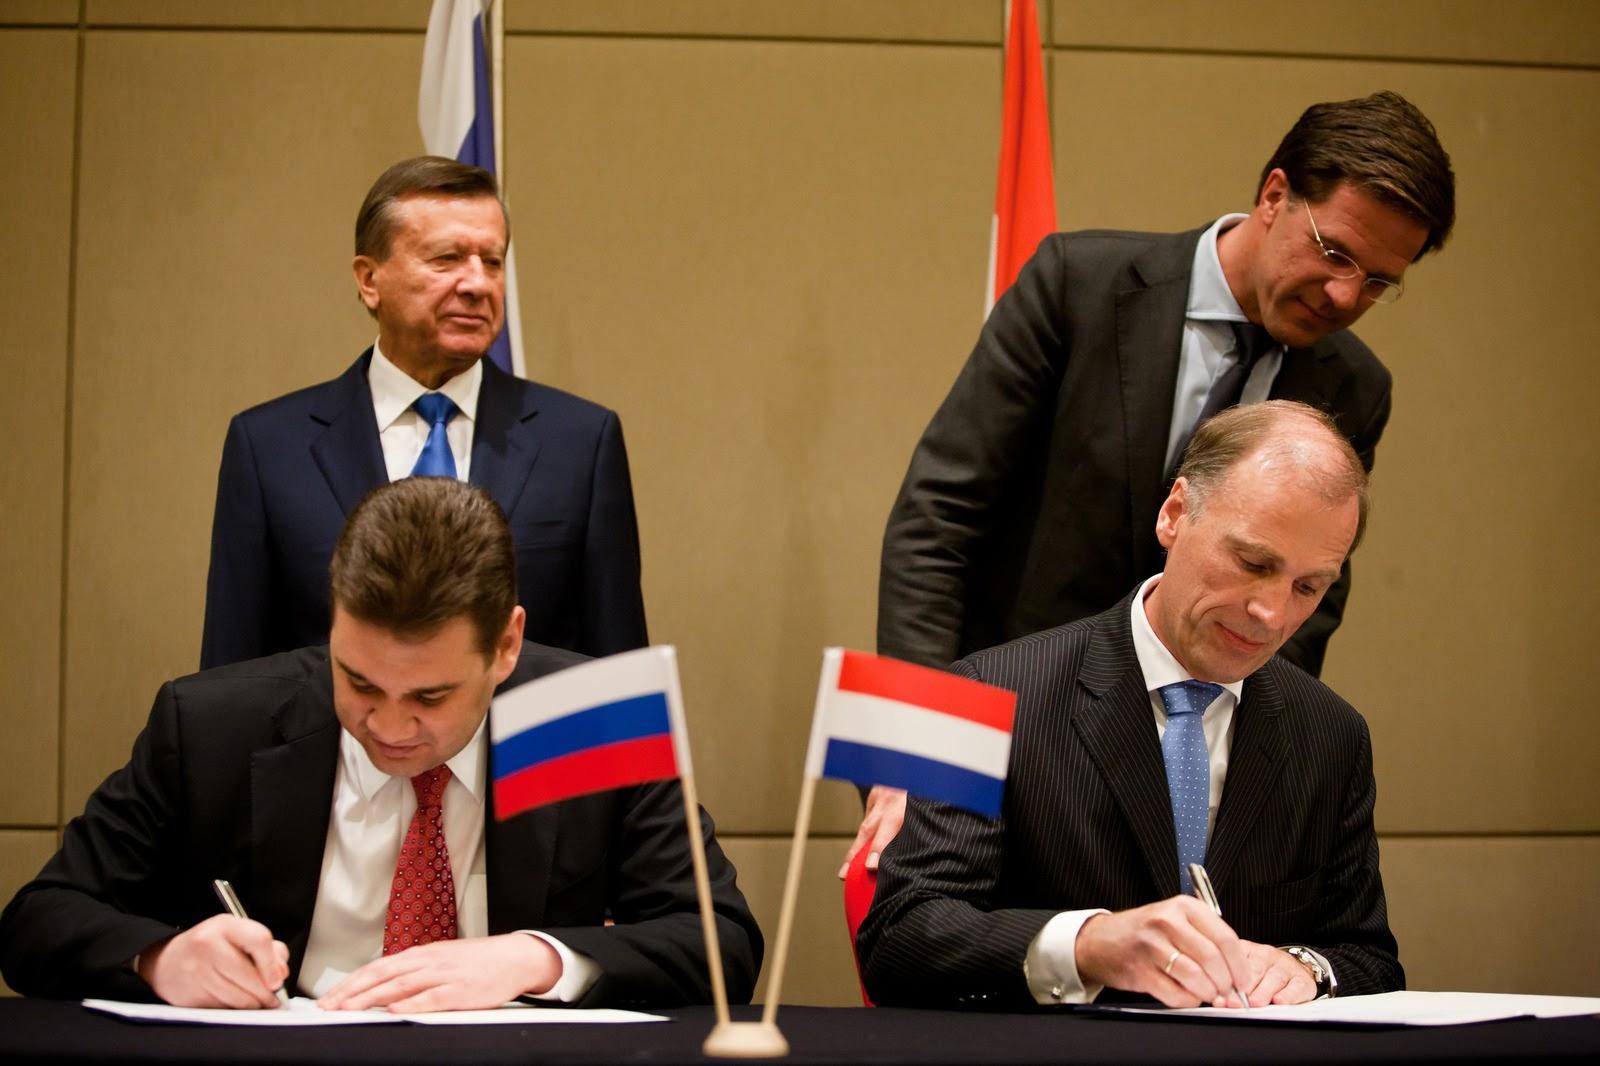 Премьер-министр Марк Рутте (справа вверху). Фото: Rijksvoorlichtingsdienst.